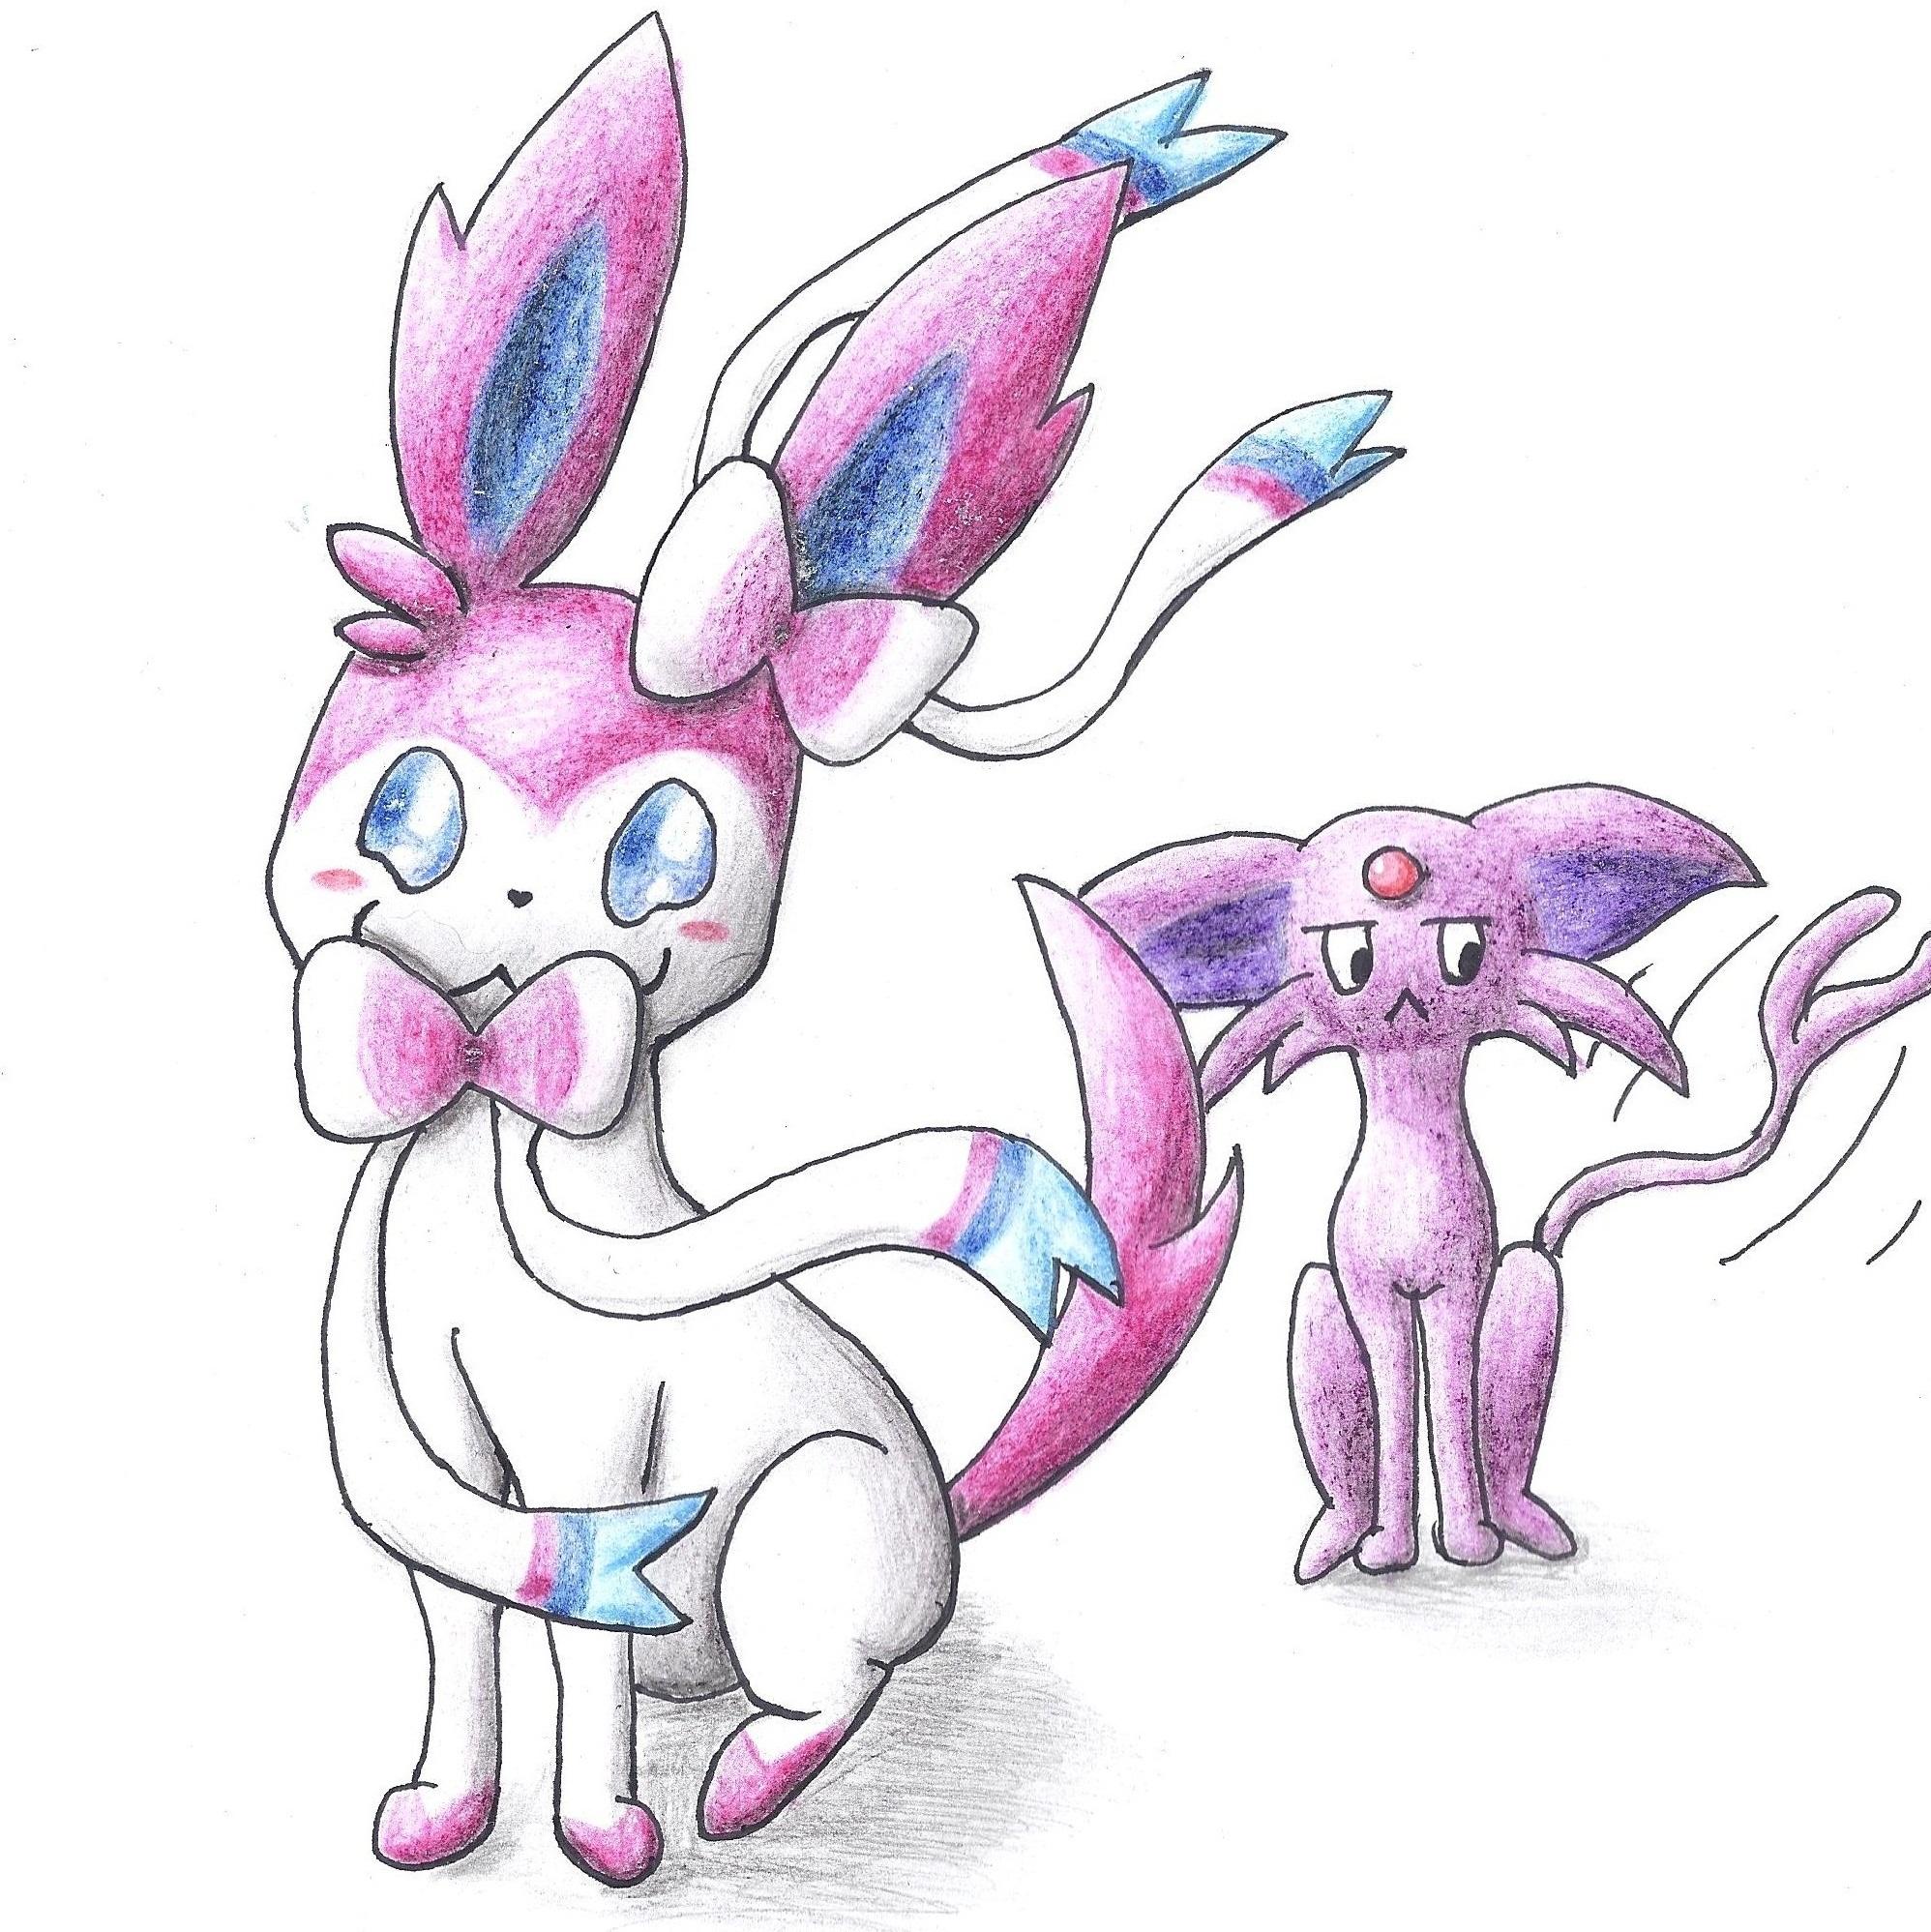 Pokémon-Zeichnung: haha ich bin auch pink